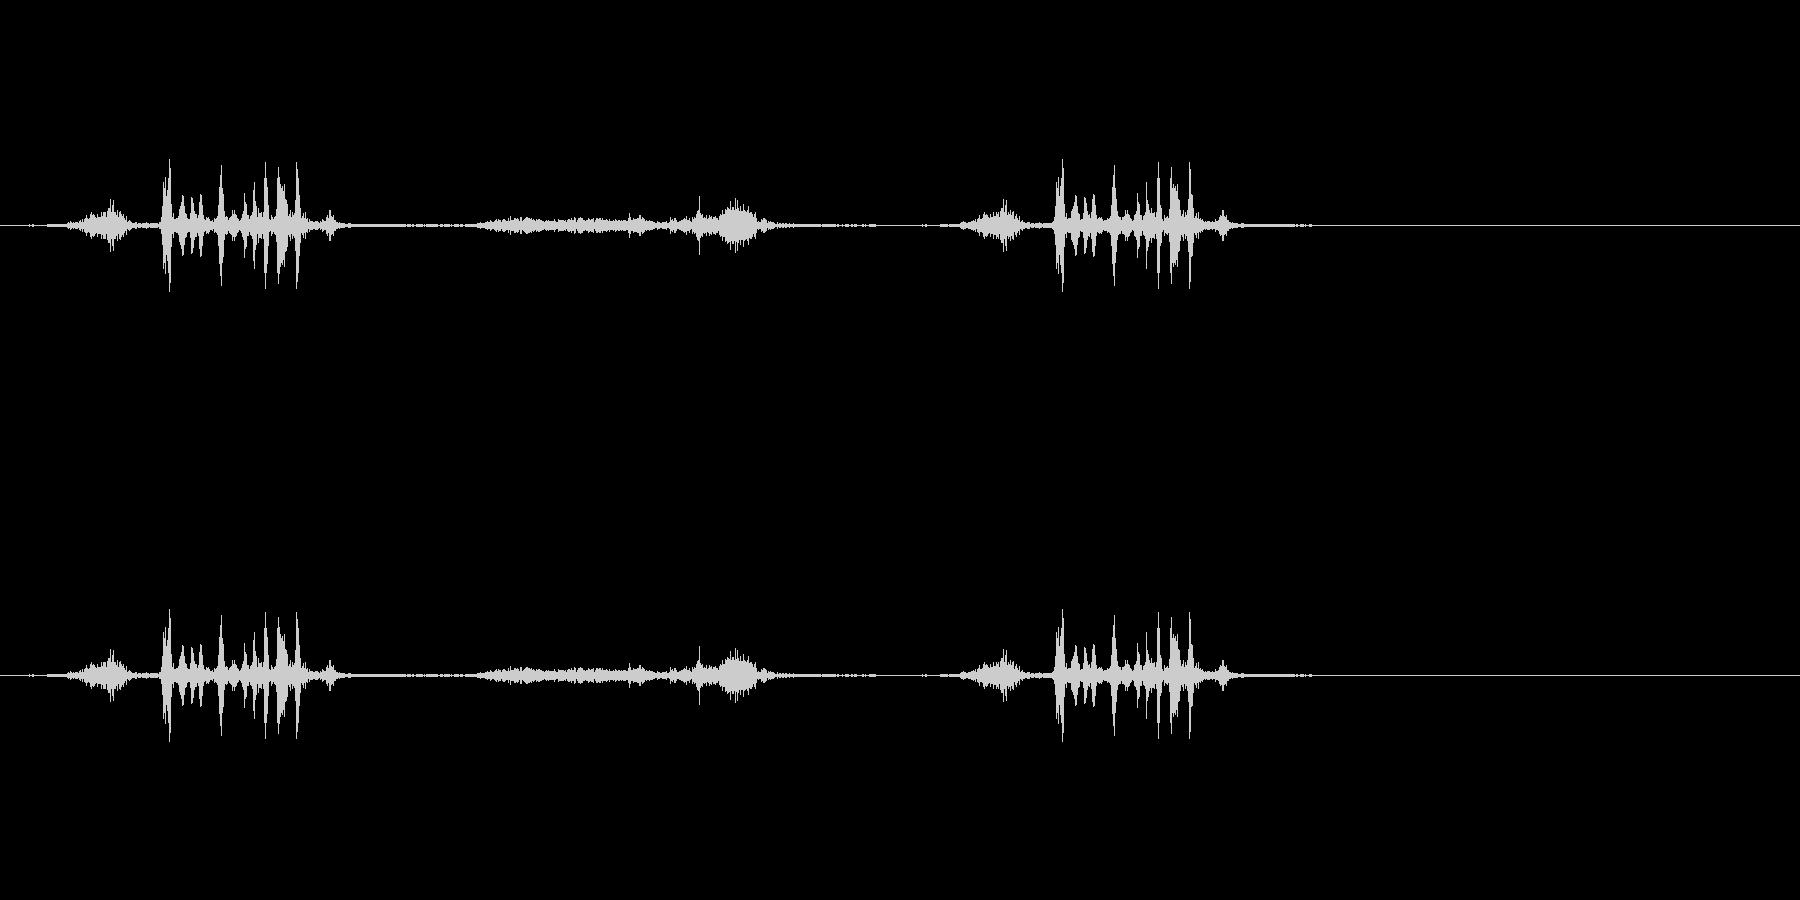 ハサミで厚紙を切る音(2)の未再生の波形